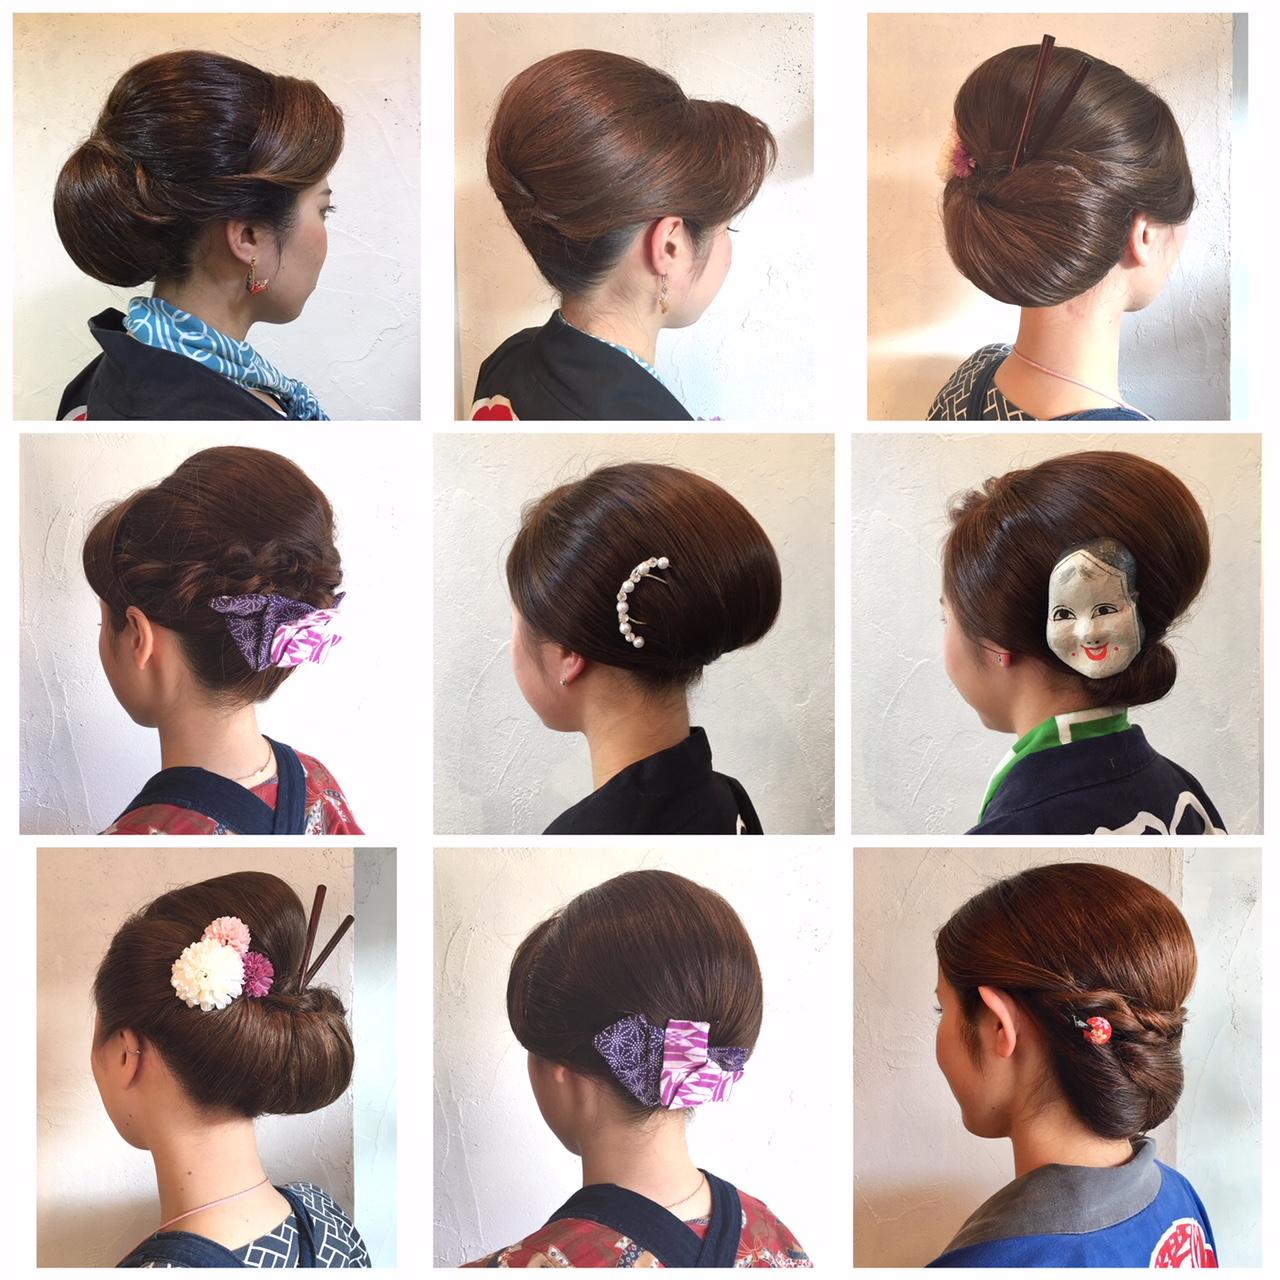 http://www.babylone-hair.jp/news/entry_images/2018%E3%81%BE%E3%81%A4%E3%82%8A.jpg